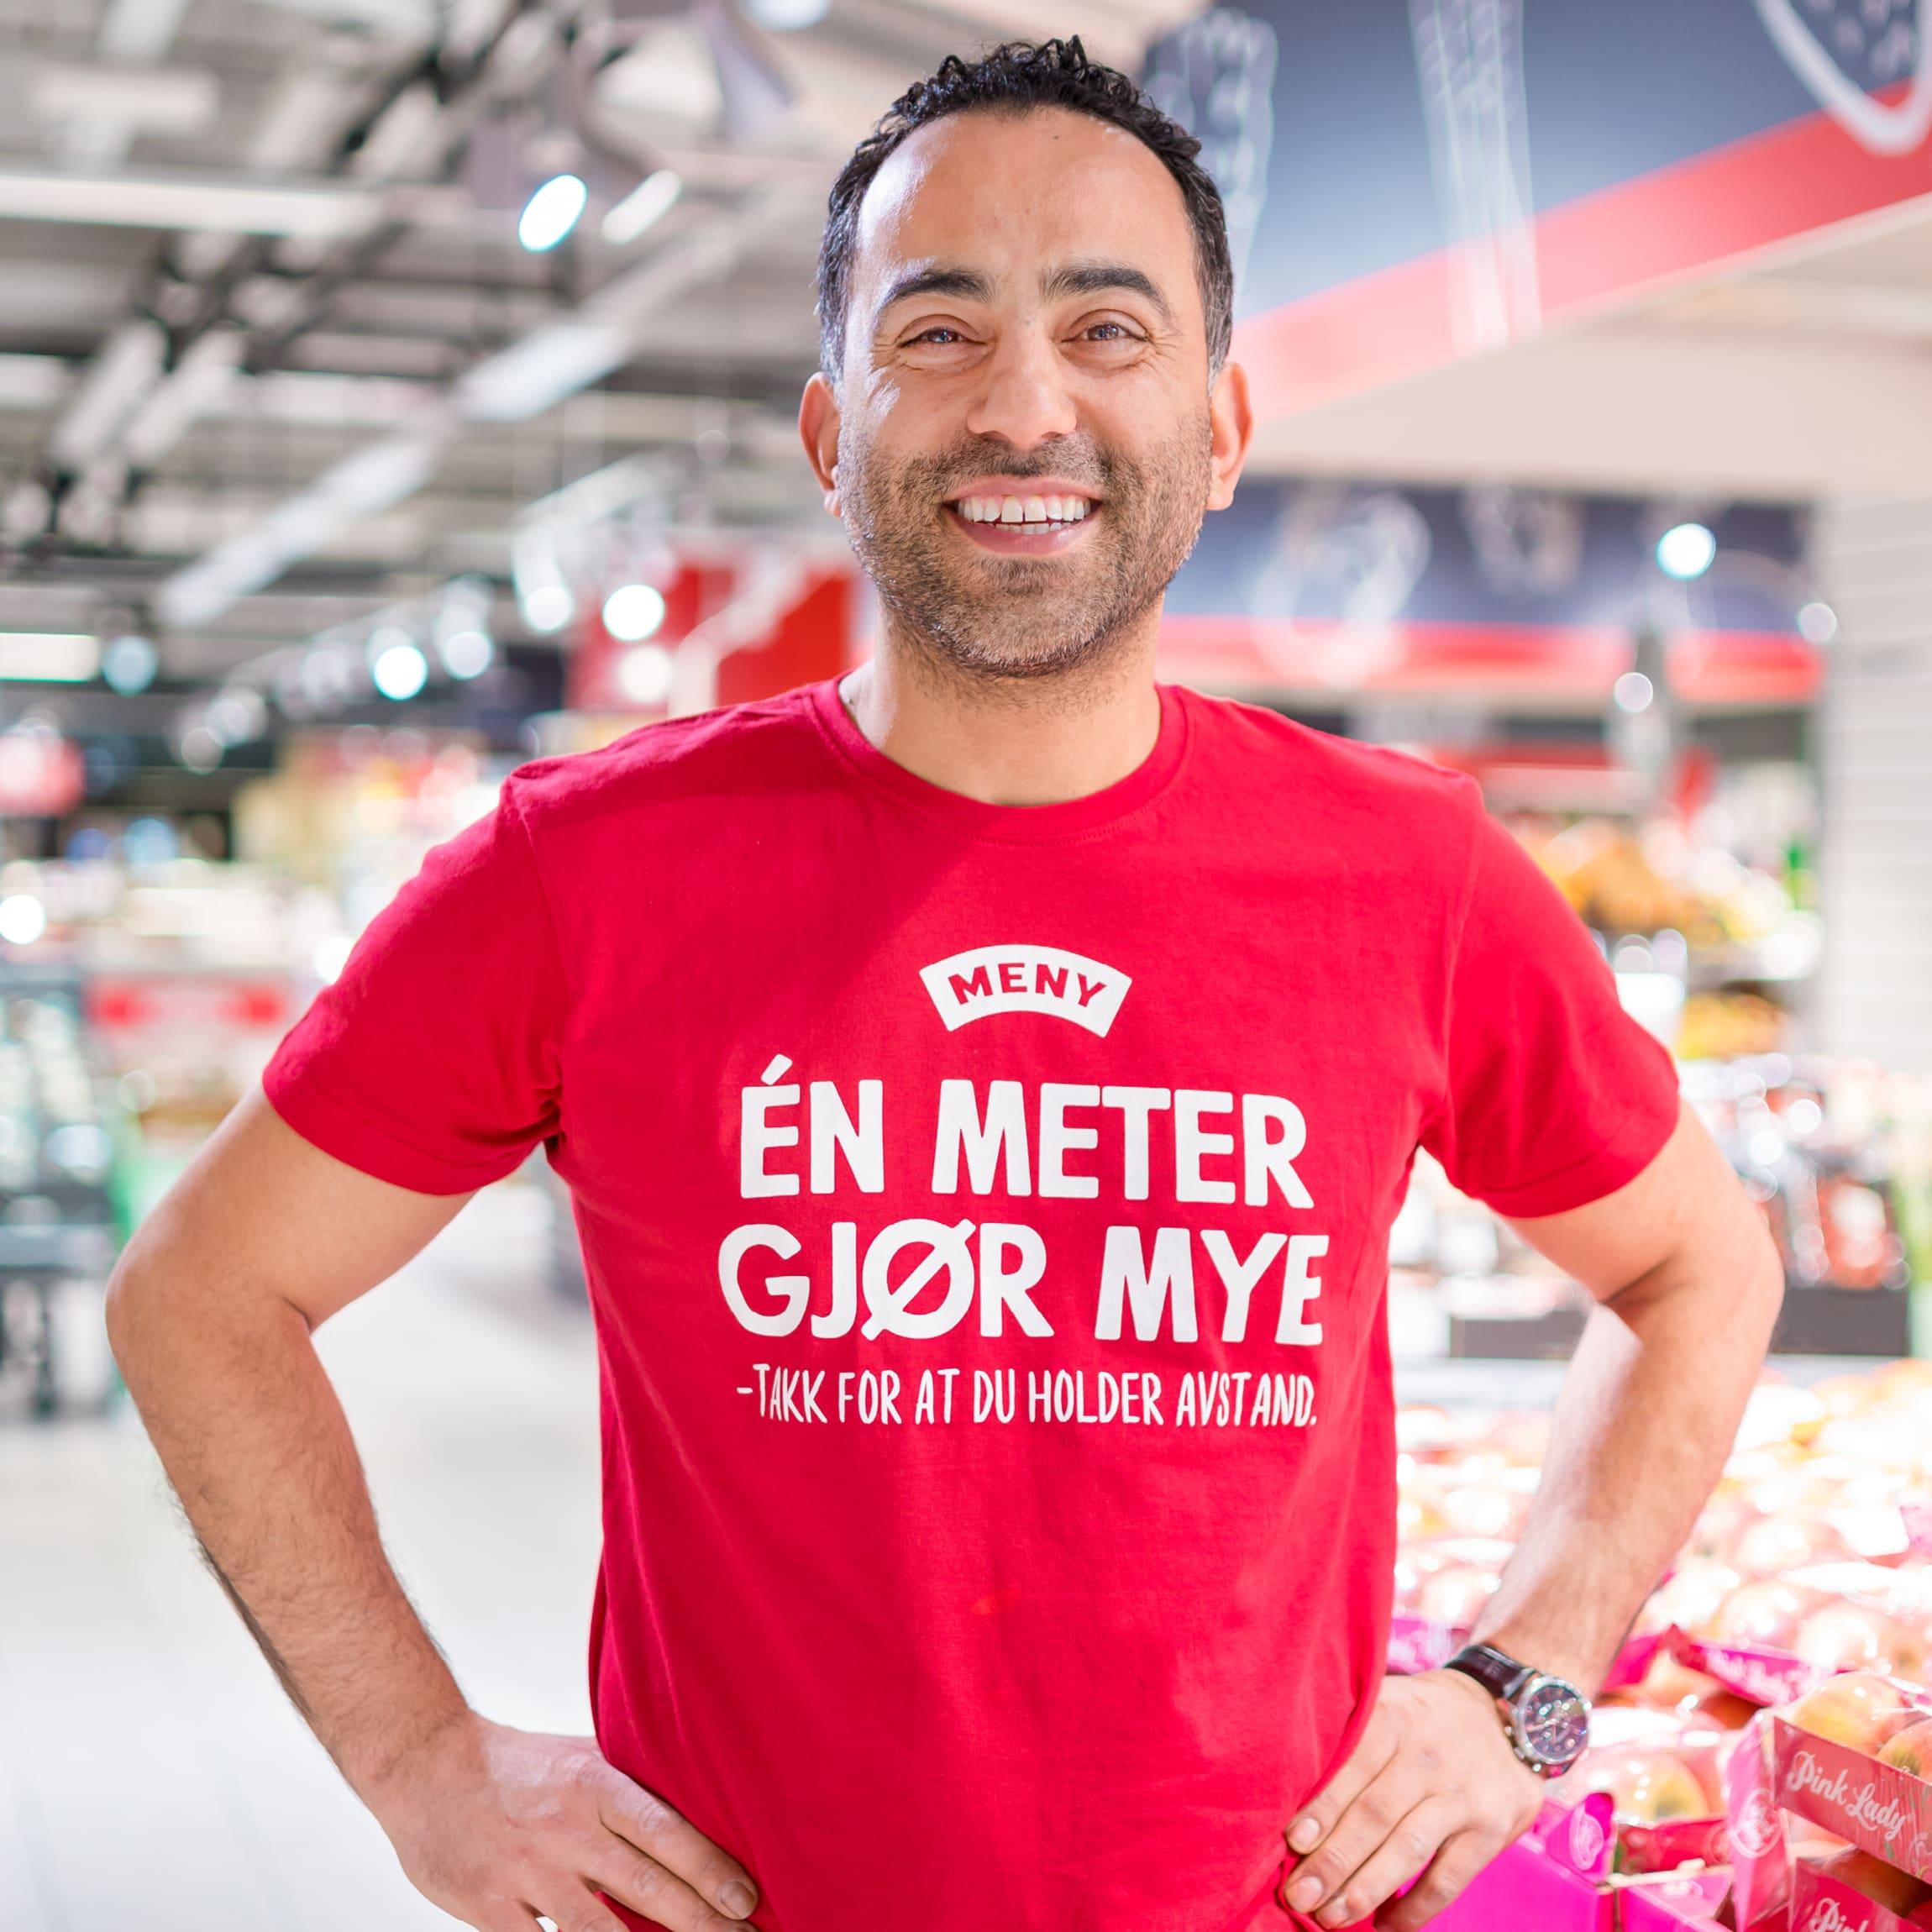 Et nytt tiltak du vil se i MENY-butikkene fremover er matarbeiderne våre ikledd røde t-skjorter, med oppfordring om å holde avstand.